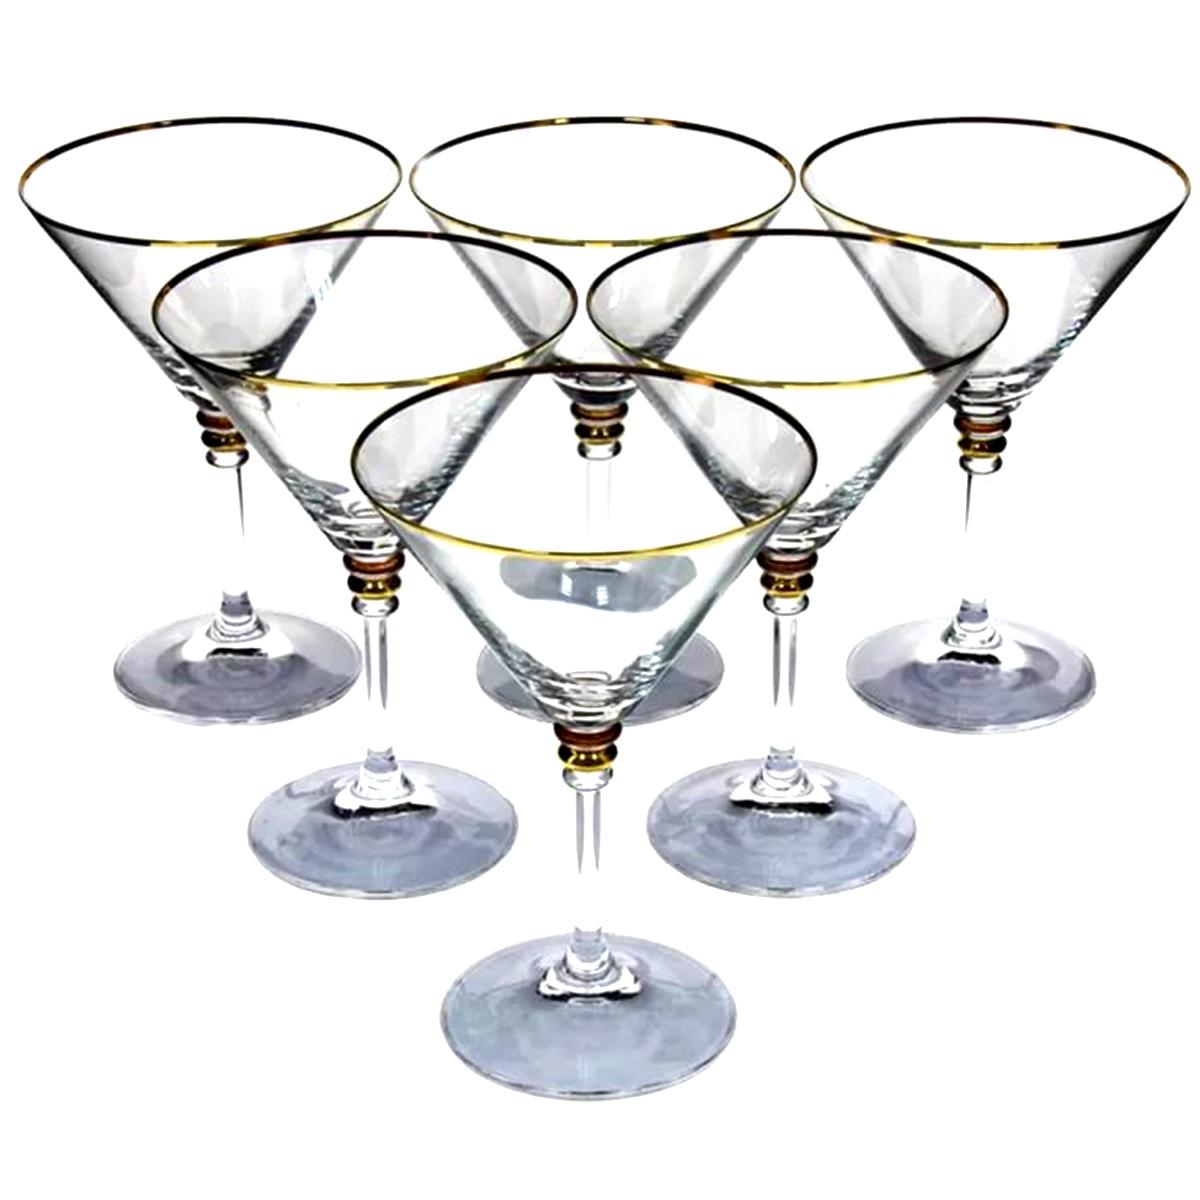 Набор бокалов для мартини Bohemia Crystal Оливия, 210 мл, 6 шт набор бокалов для бренди коралл 40600 q8105 400 анжела